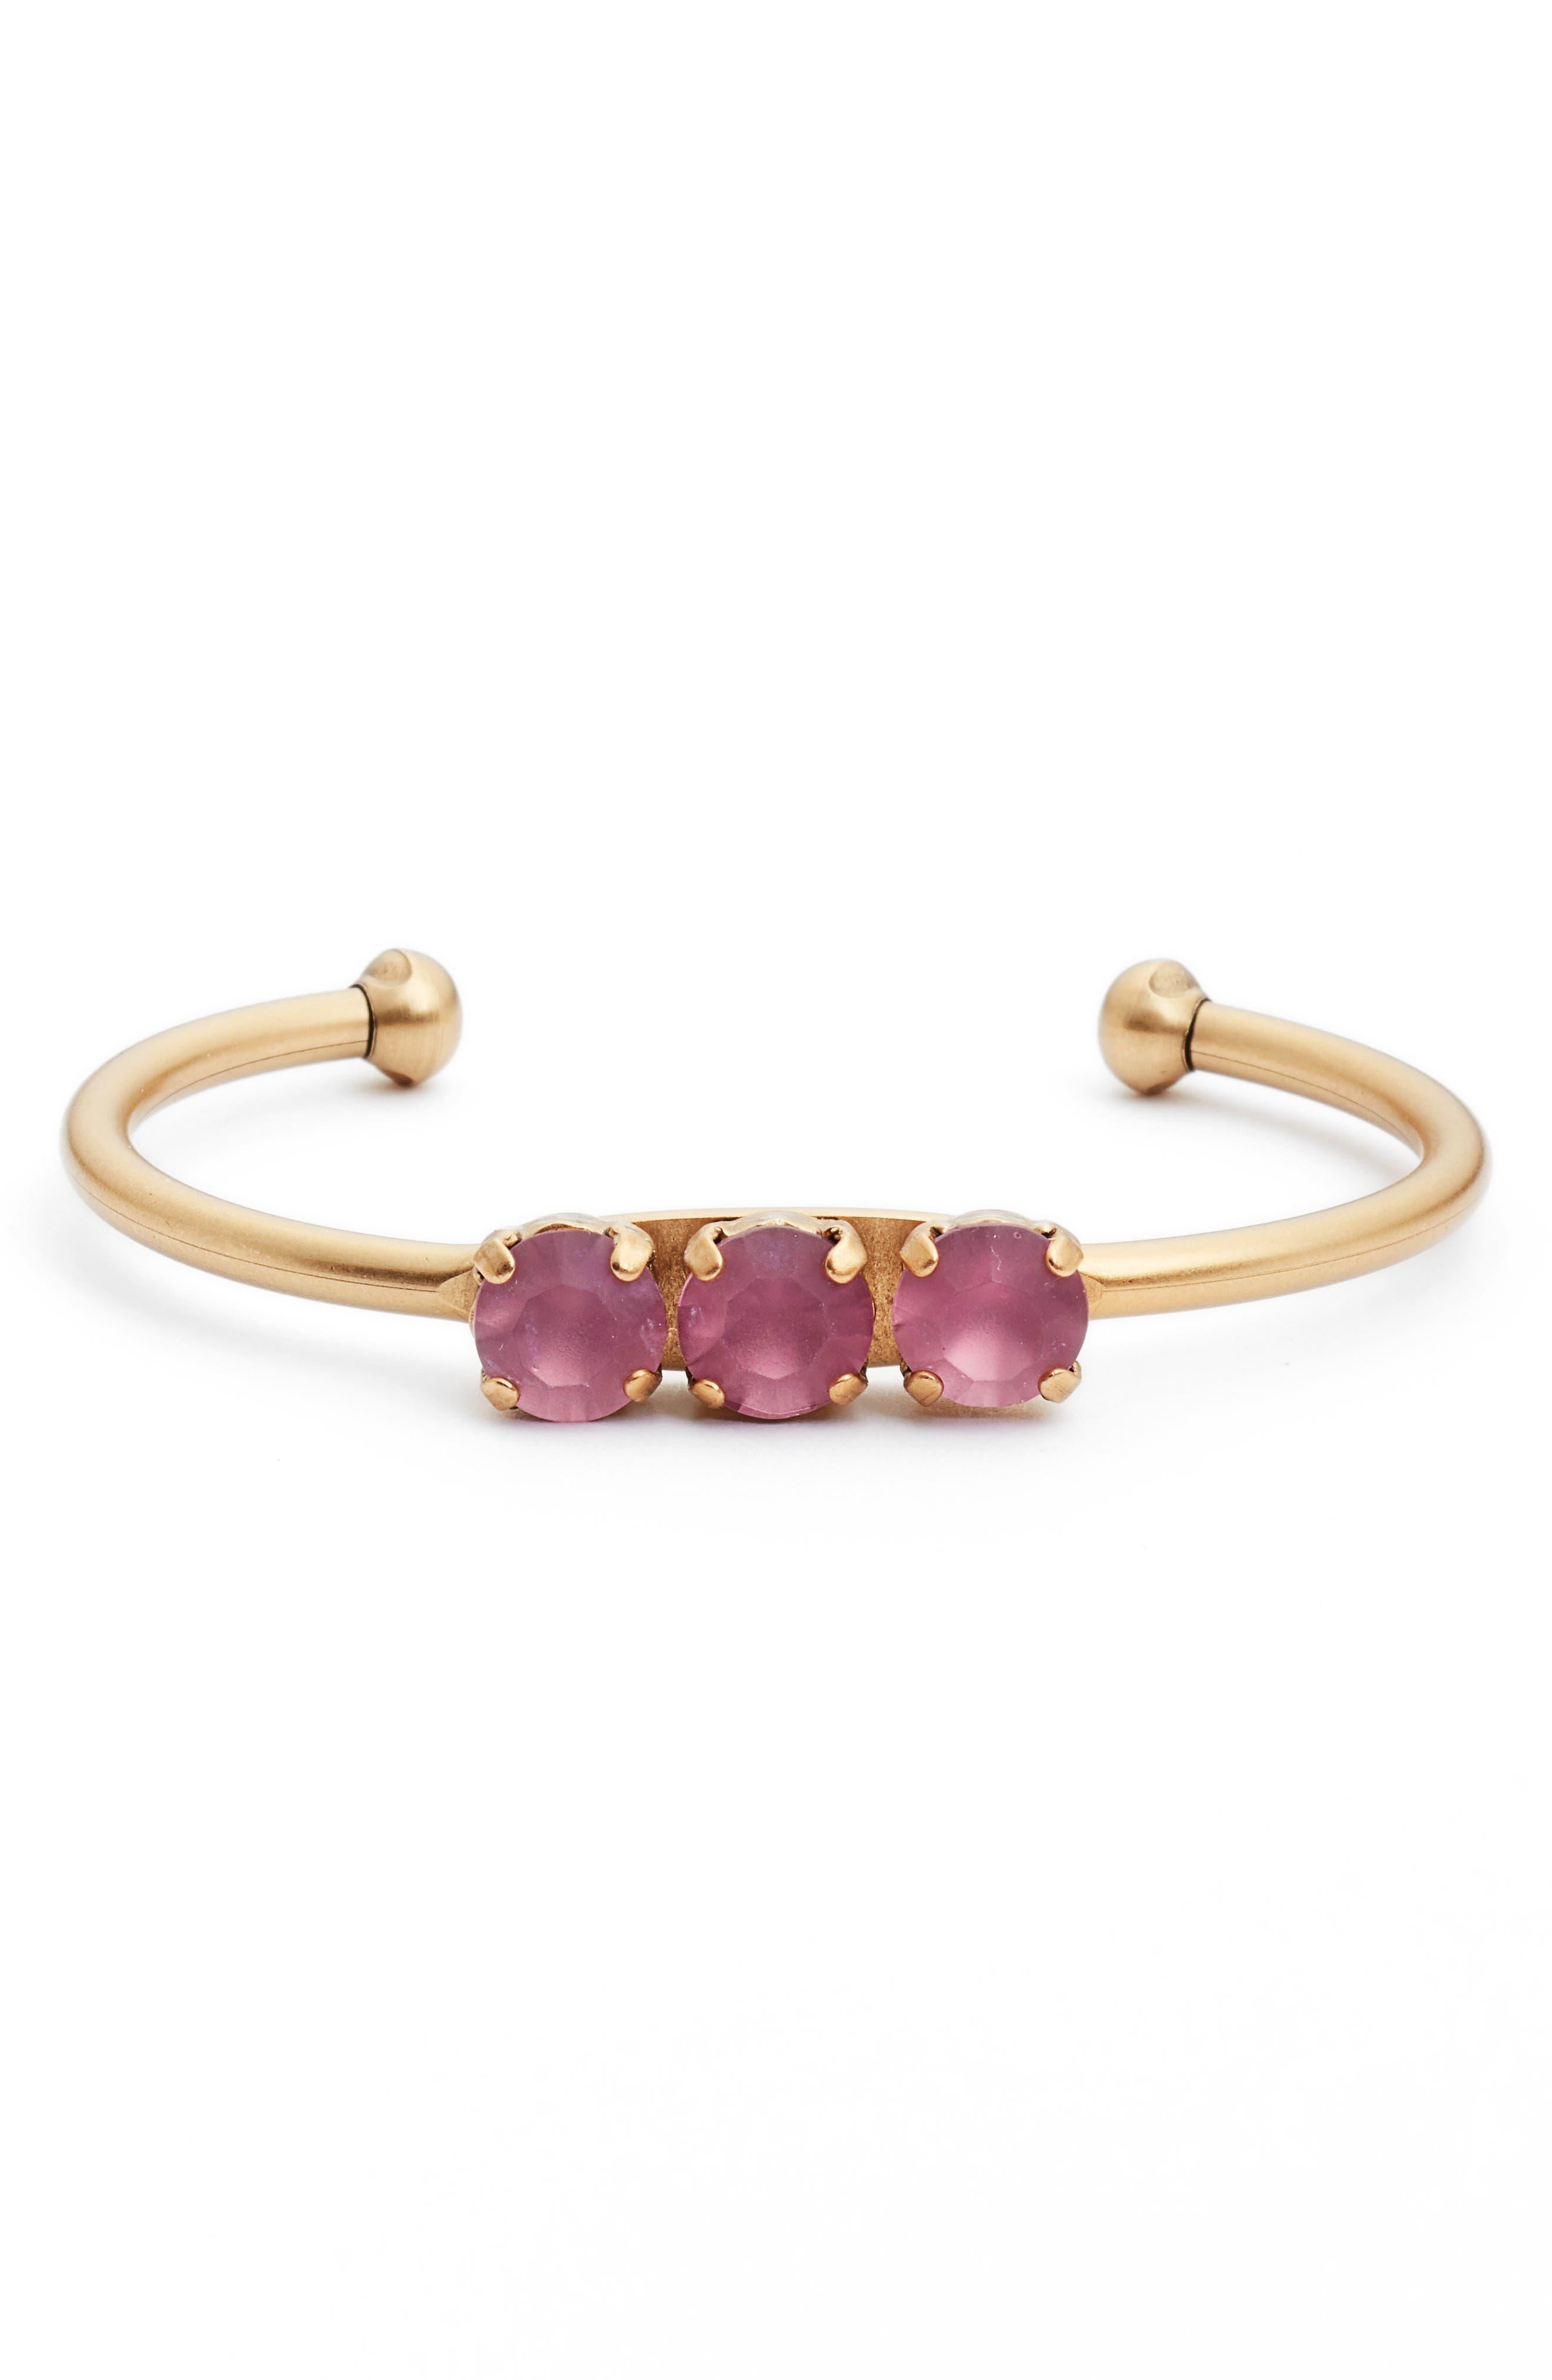 Loren Hope Rosalie Crystal Cuff Bracelet